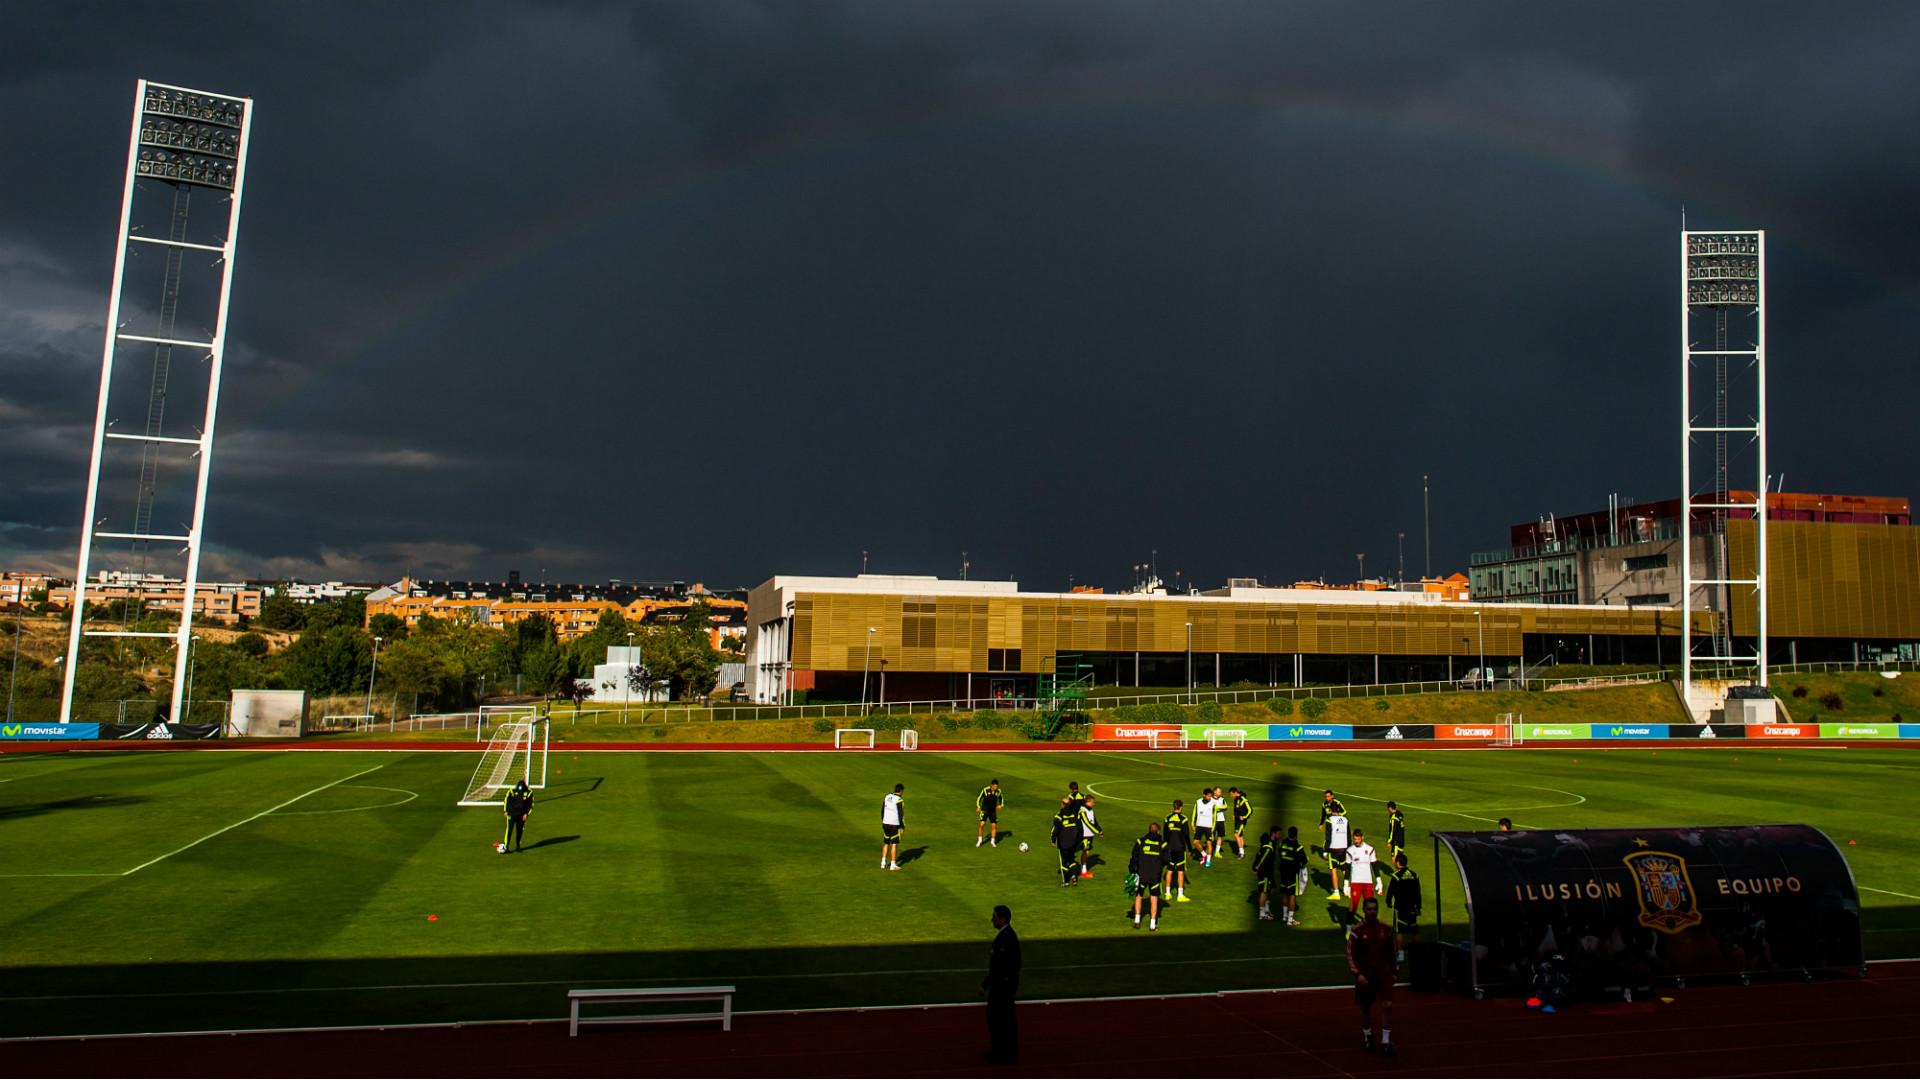 Ciudad del Futbol Las Rozas